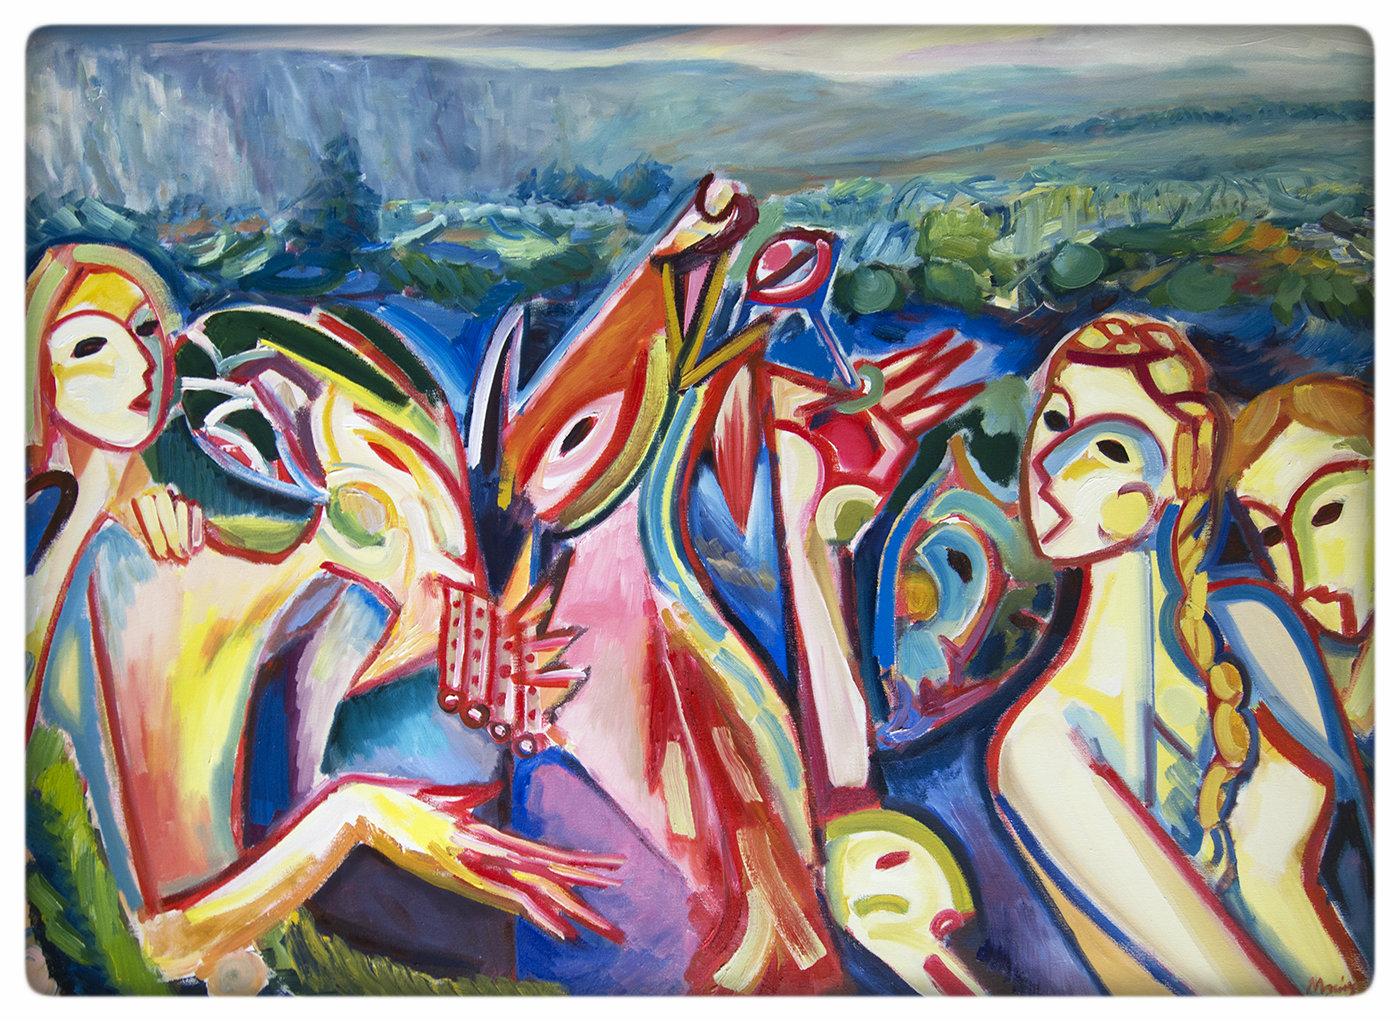 """Maciej Cieśla, """"Jagoda z koleżankami upiła Fauny i prowadzi ich w Karkonosze"""", 140 x 100 cm, olej, materiały dzięki uprzejmości artysty"""